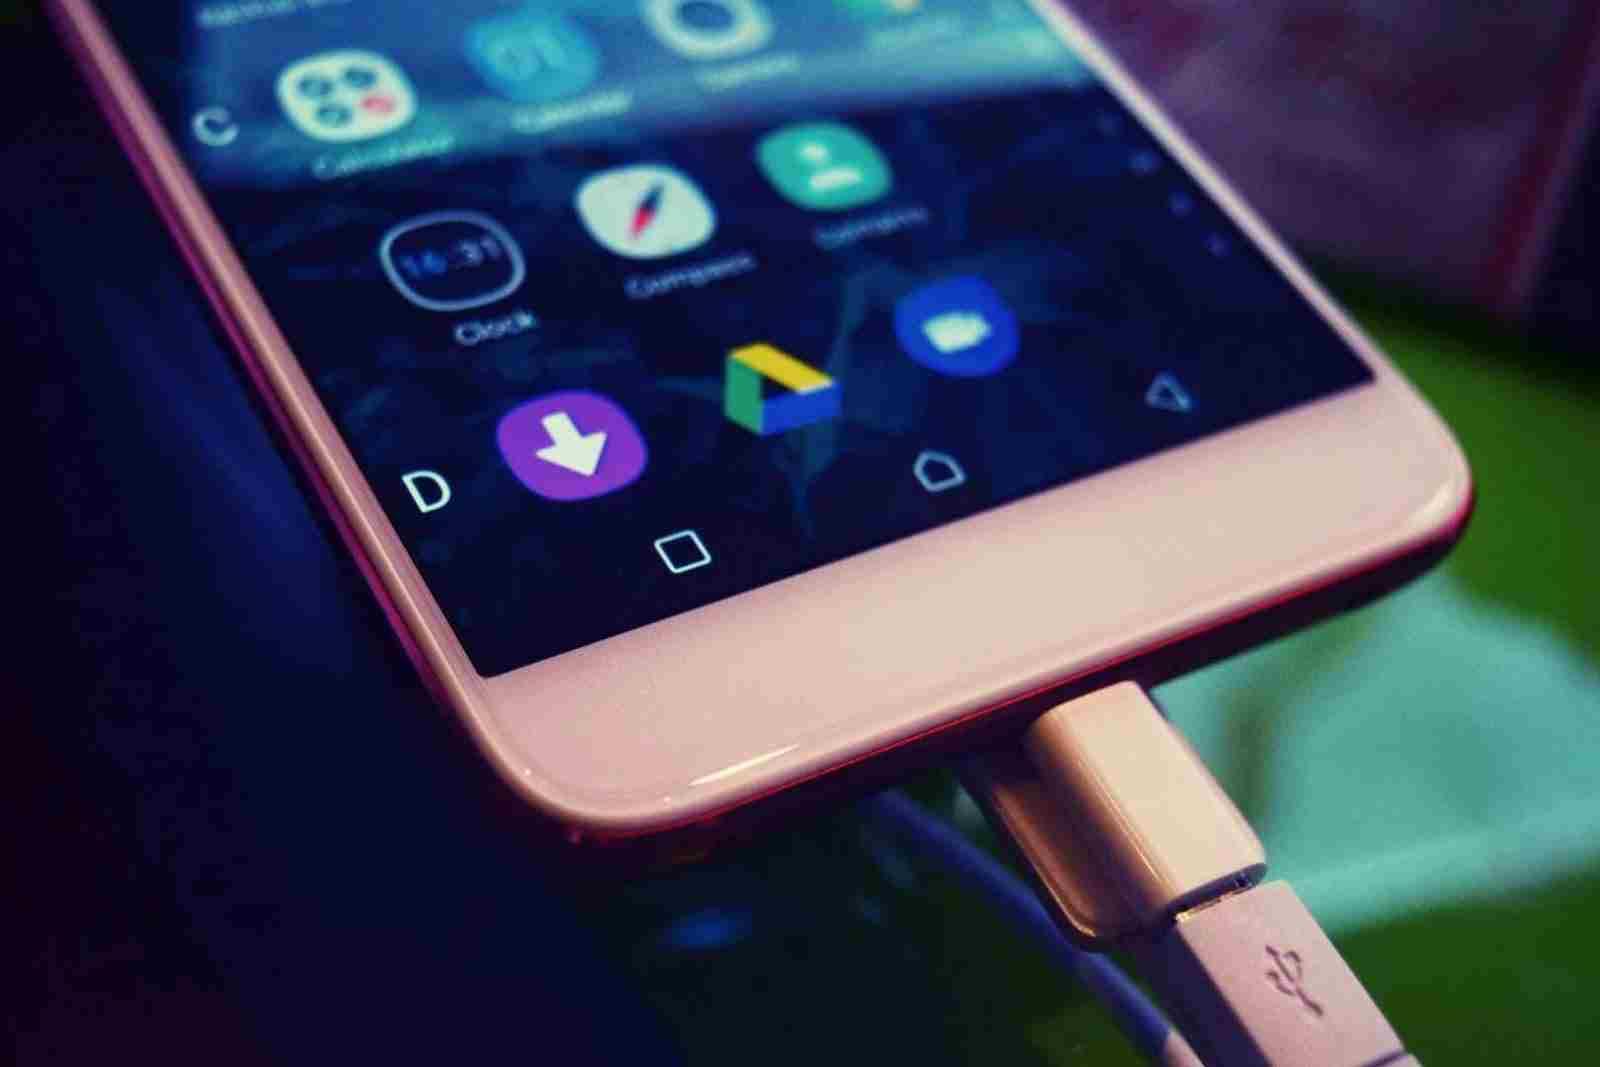 Infinix Zero 5 phone with XCharge